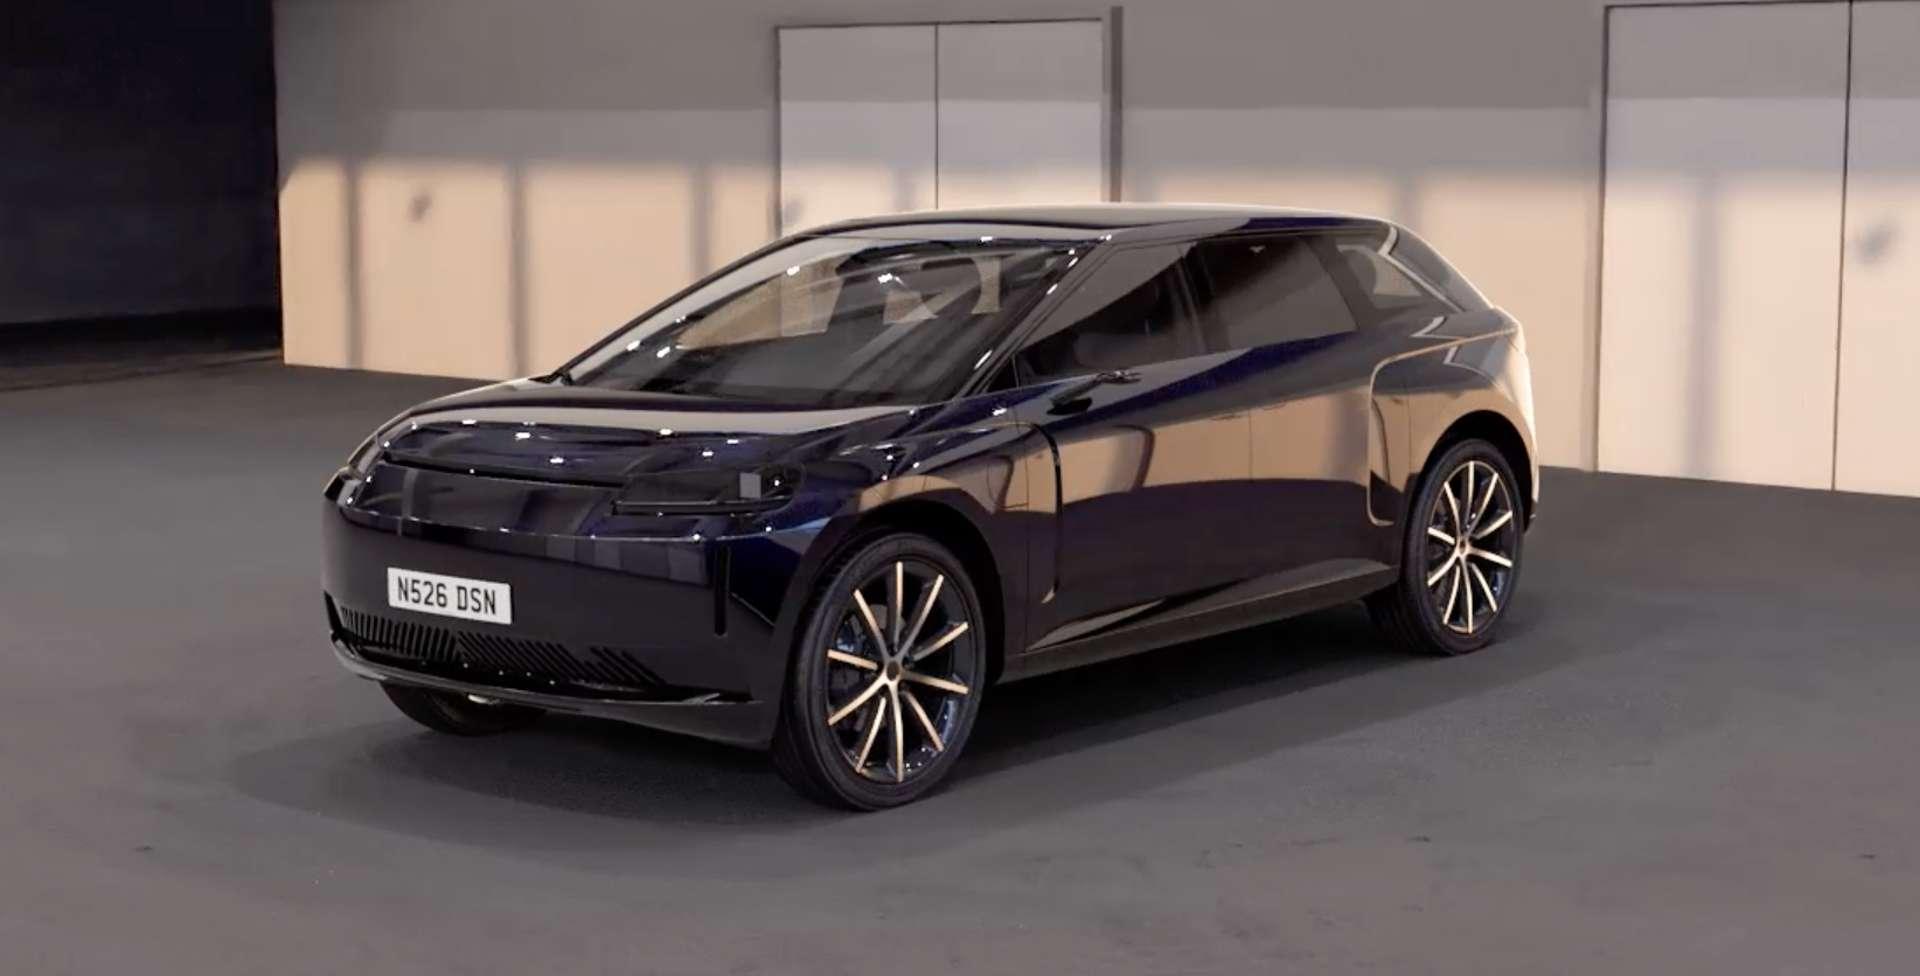 Le style du SUV électrique Dyson n'a rien de spectaculaire. Il rappelle même ce que l'on a pu voir chez Byton et Faraday Future. © Dyson